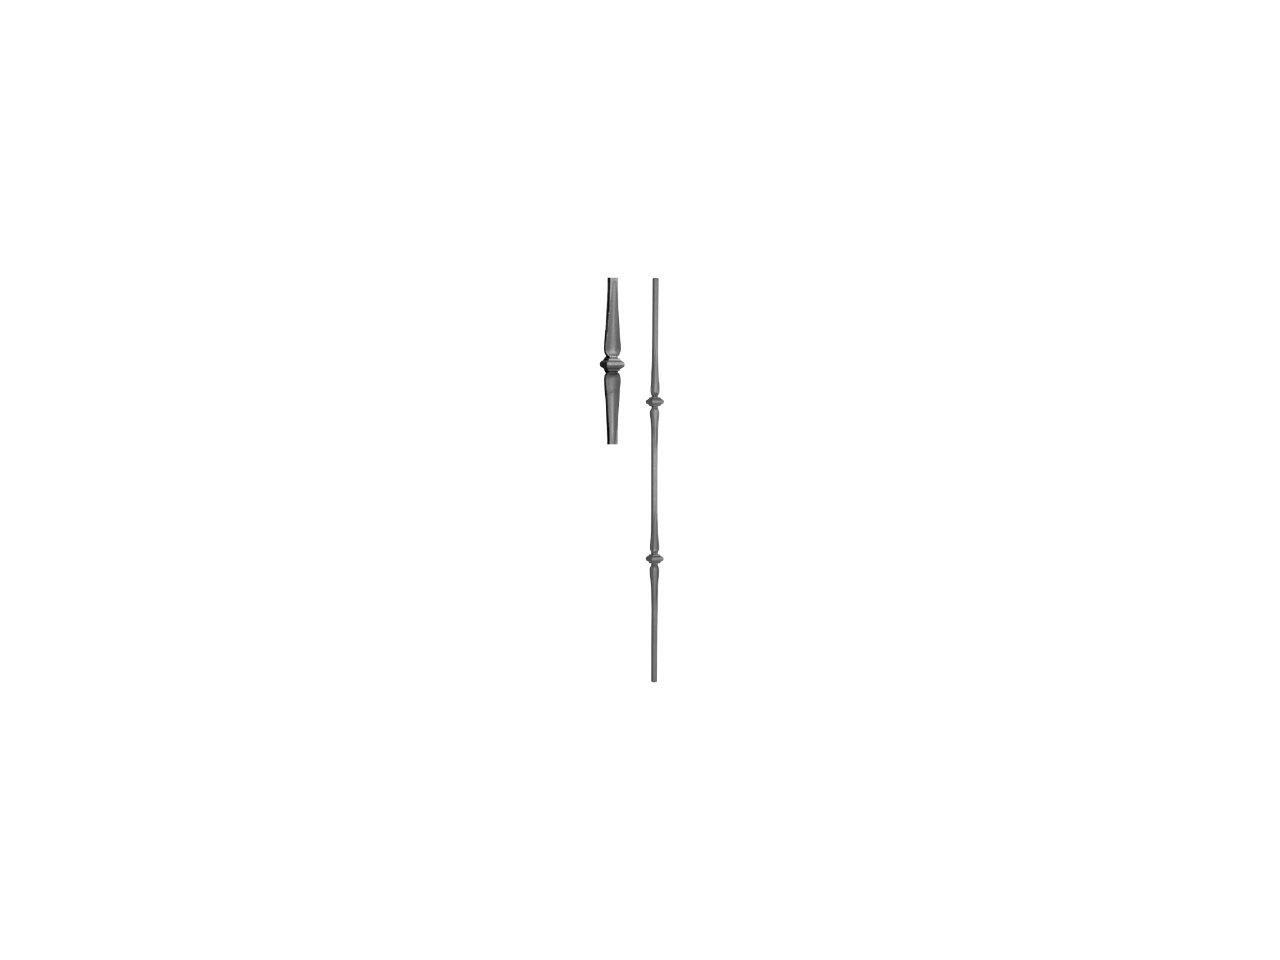 Tralka Prosta Ozdobna 09.510 950mm